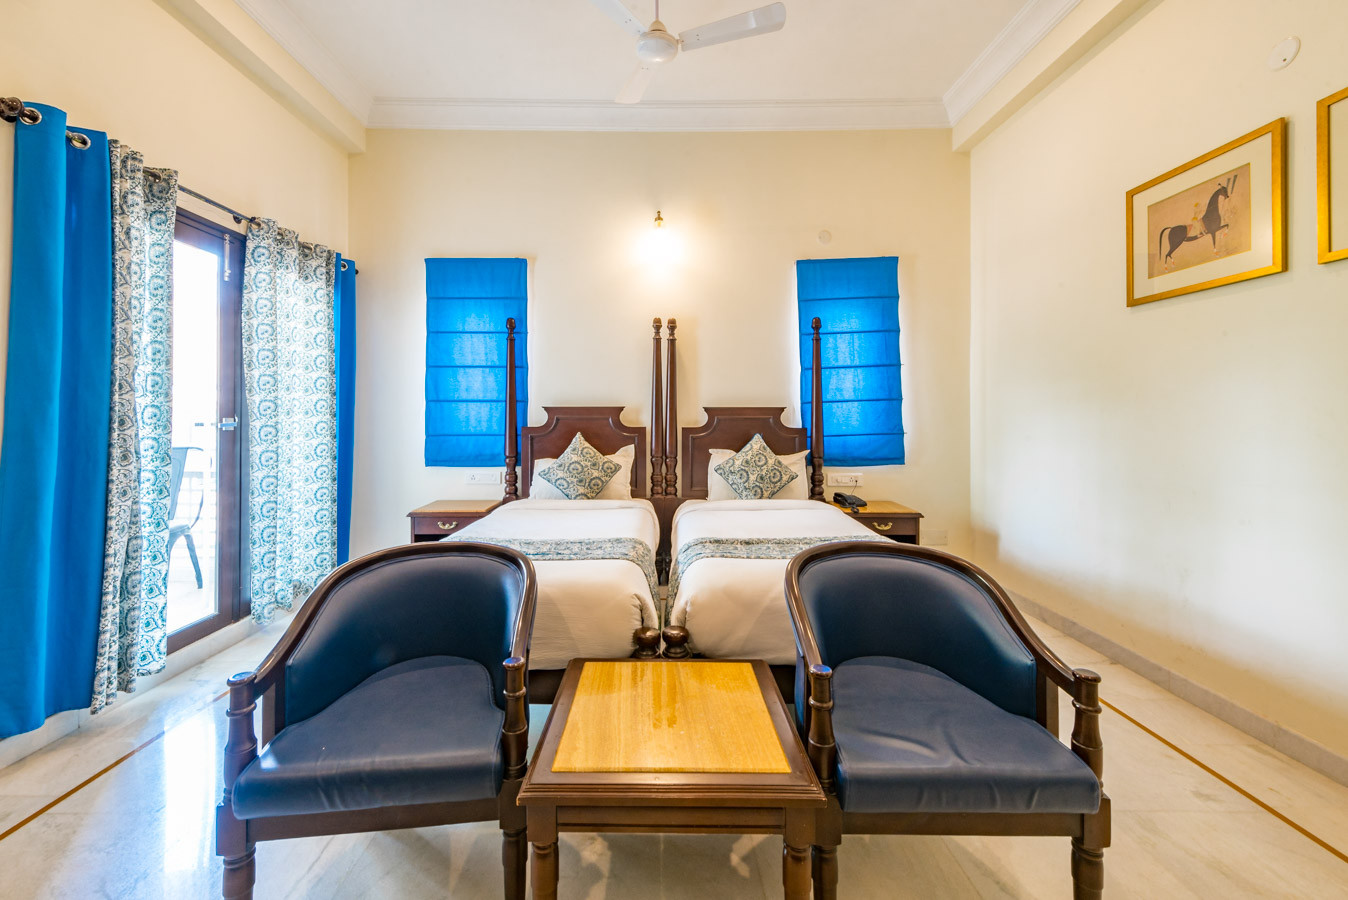 Premium-Room-Small_Unbound_Villa-Sagat-R